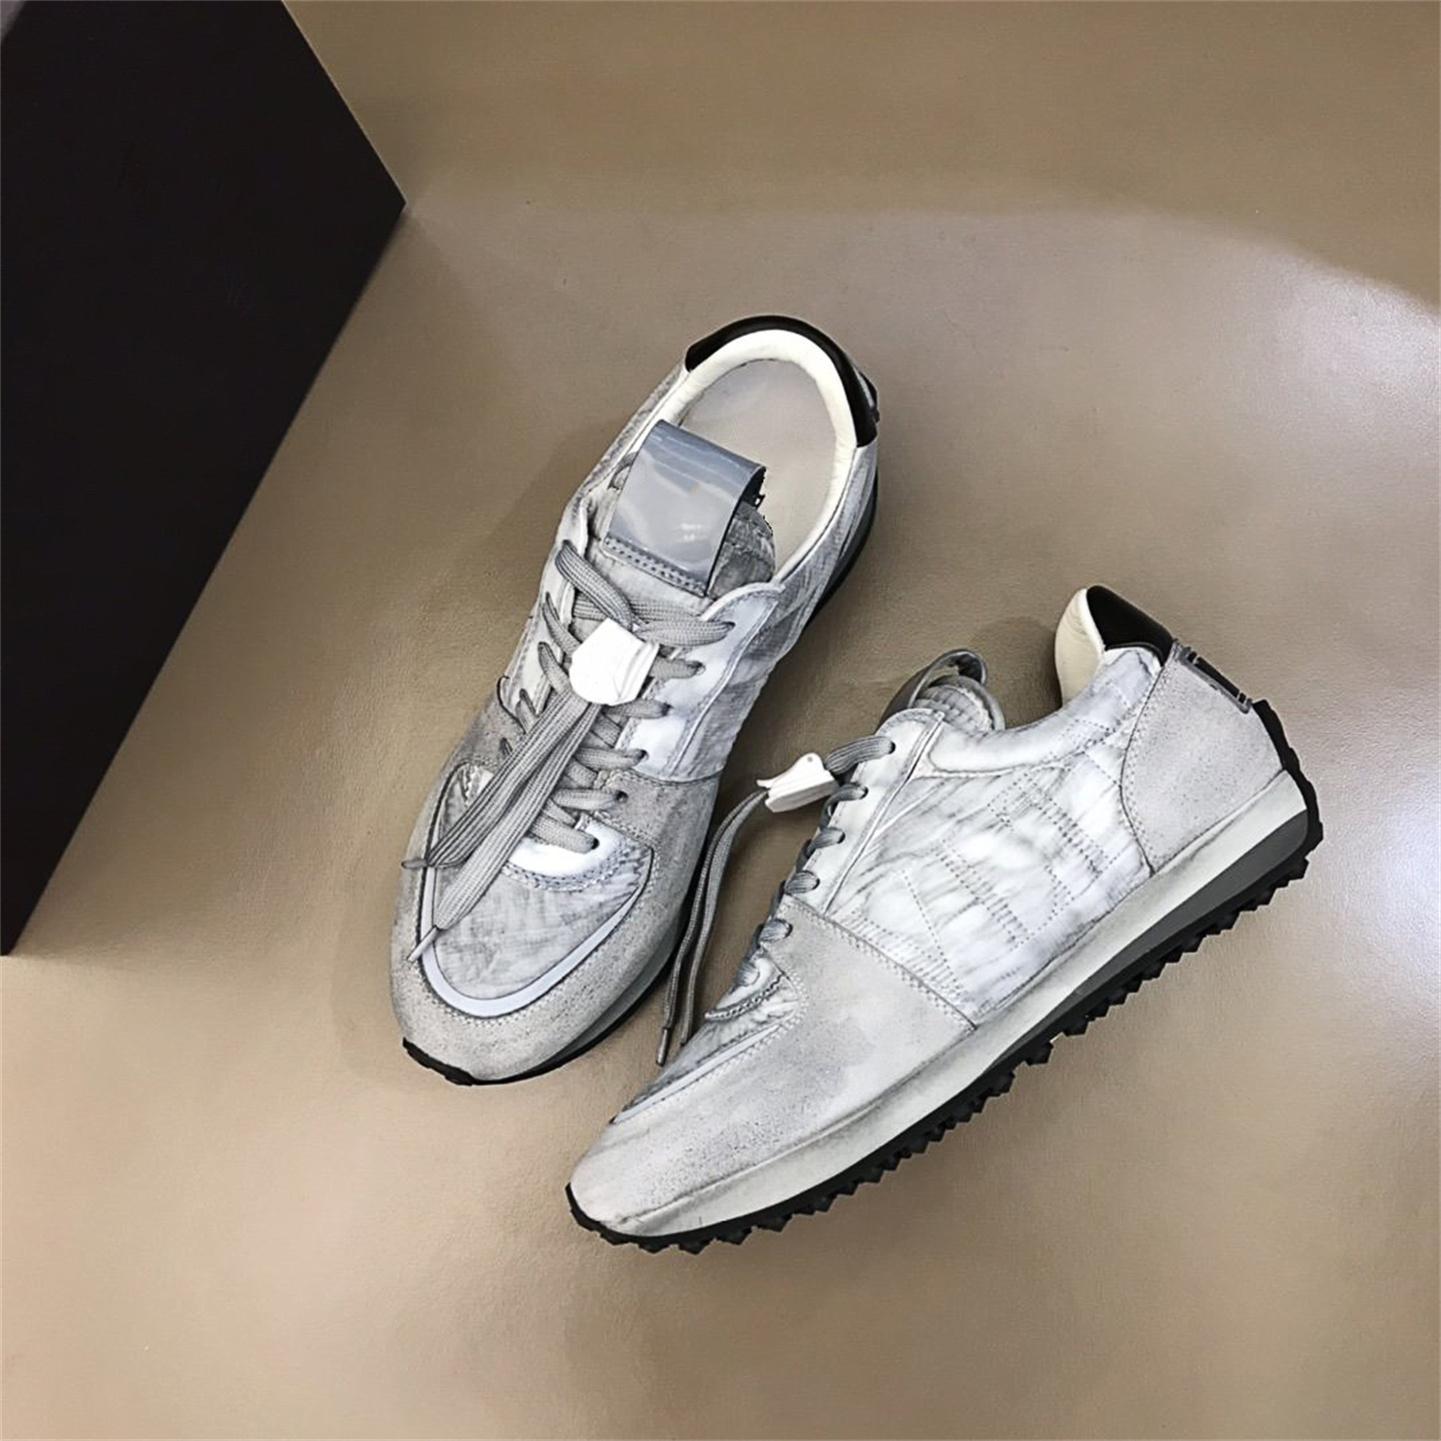 valentino Yüksek Kaliteli Rahat Ayakkabılar Lüks Tasarımcı Sneaker Orijinal Arka Kauçuk Deri Sivri Koşucu Açık Havada Size39-45